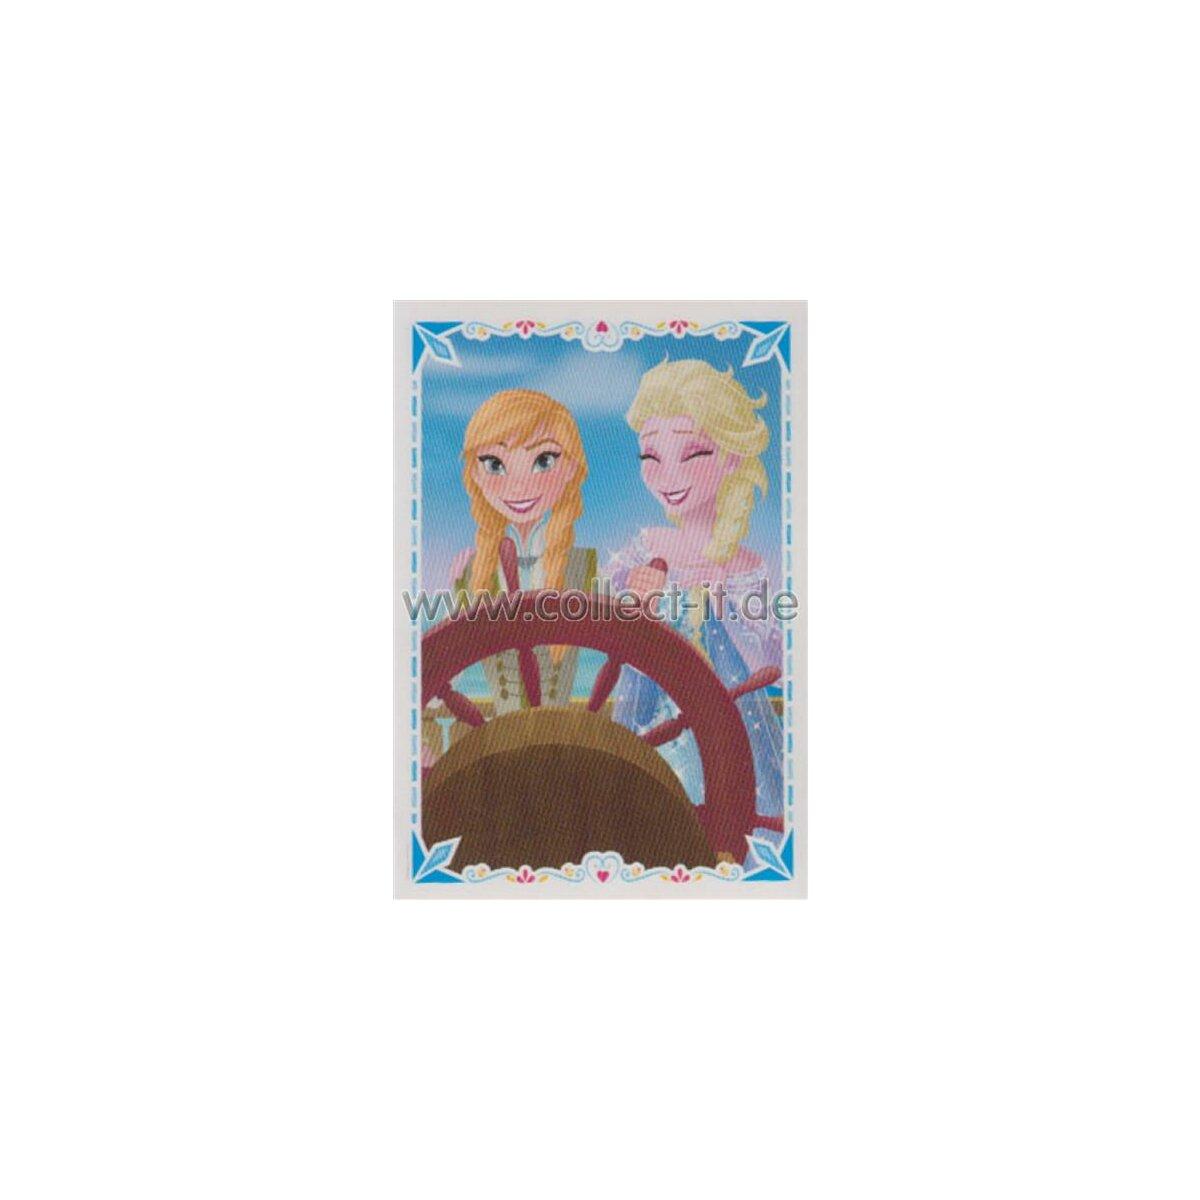 Sticker 173 Die Eiskönigin Serie 4 Panini Disney Frozen Für immer Freunde